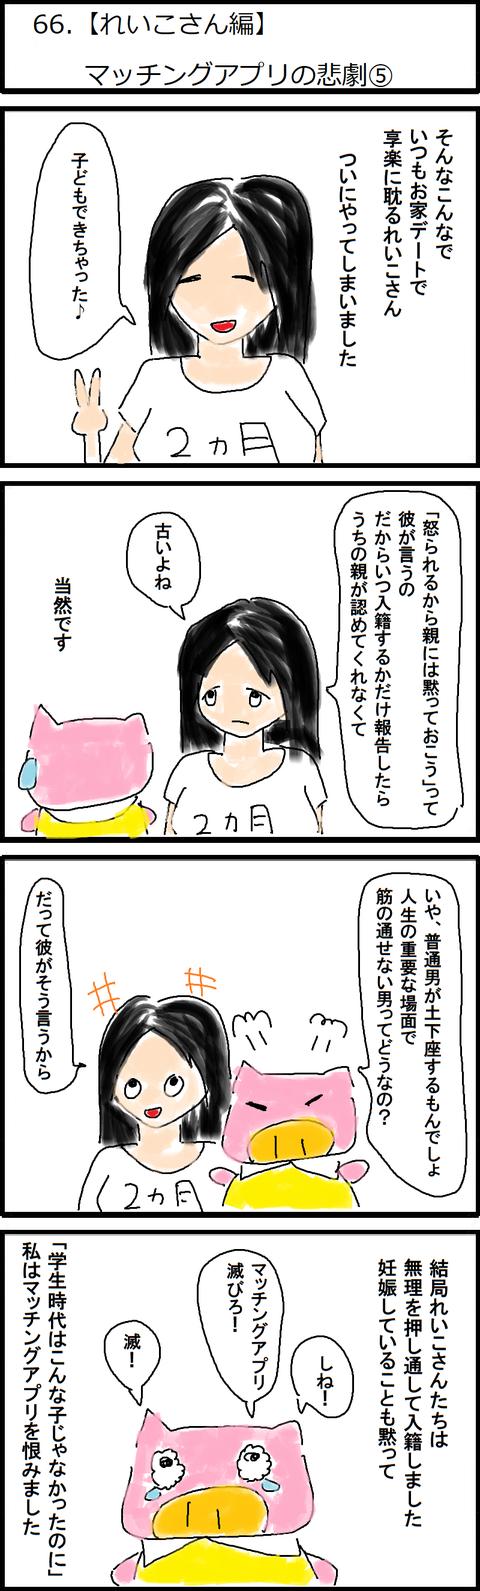 66.【れいこさん編】マッチングアプリの悲劇⑤